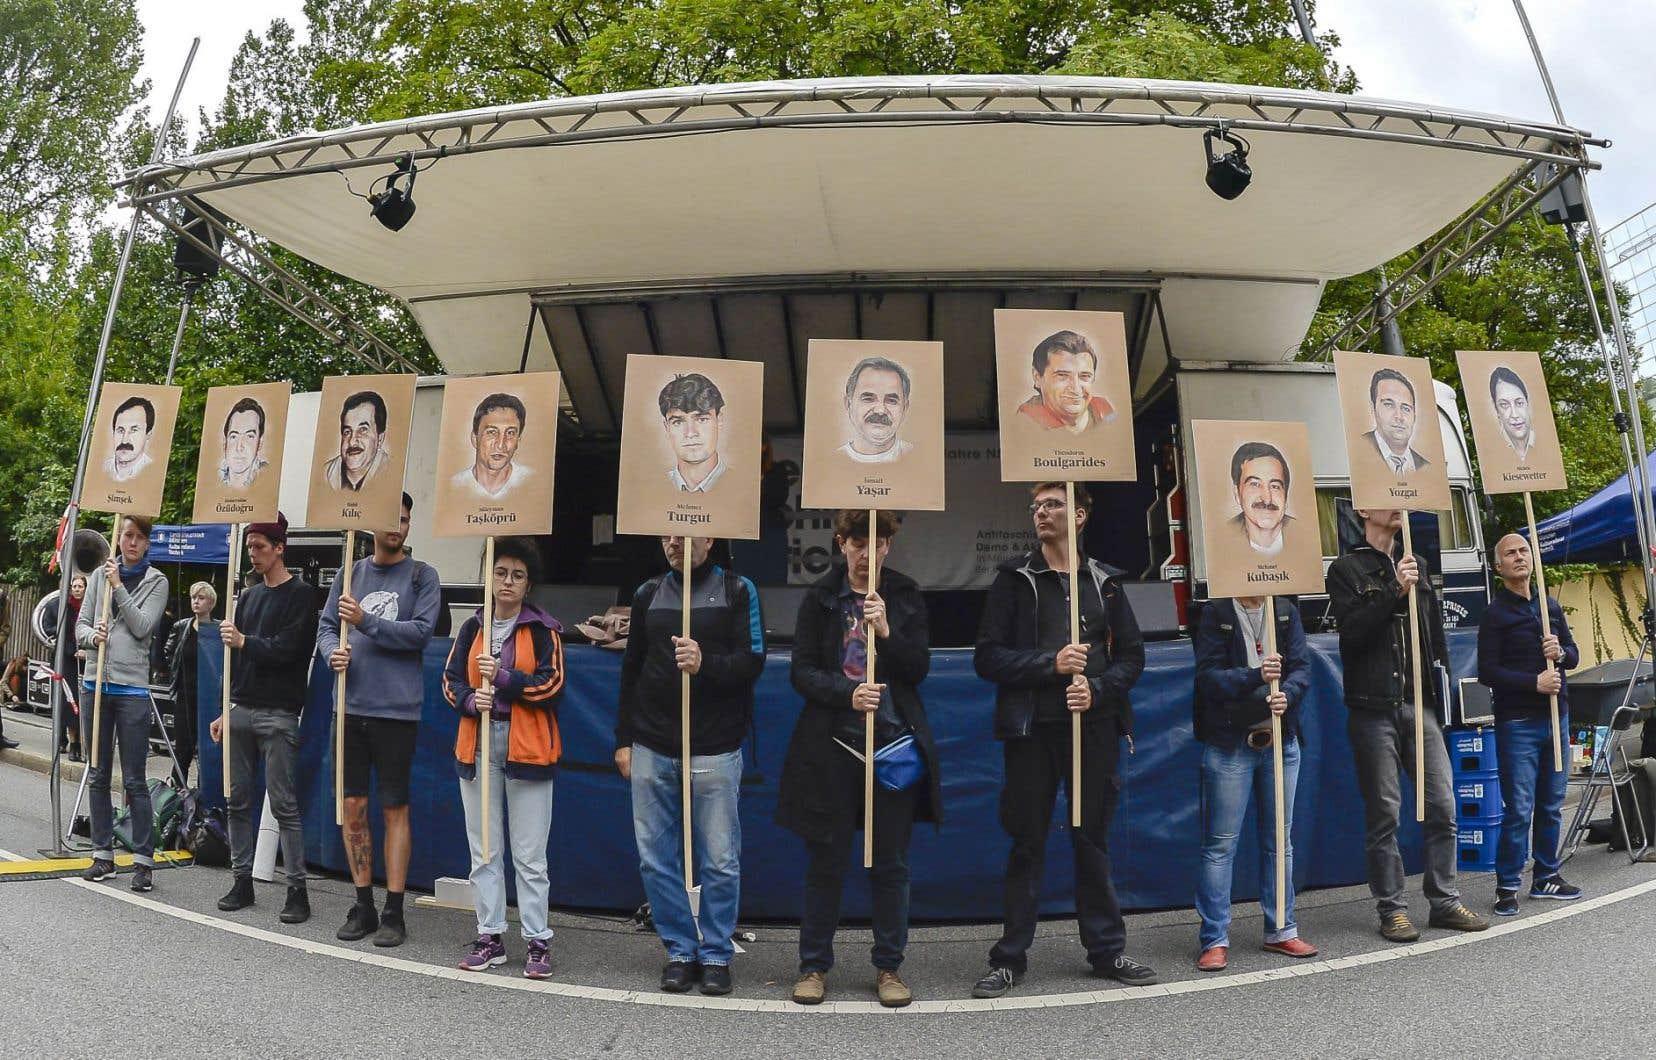 Des manifestants brandissent des photos de victimes de groupes néo-nazis, en 2018, après une série de meurtres racistes.